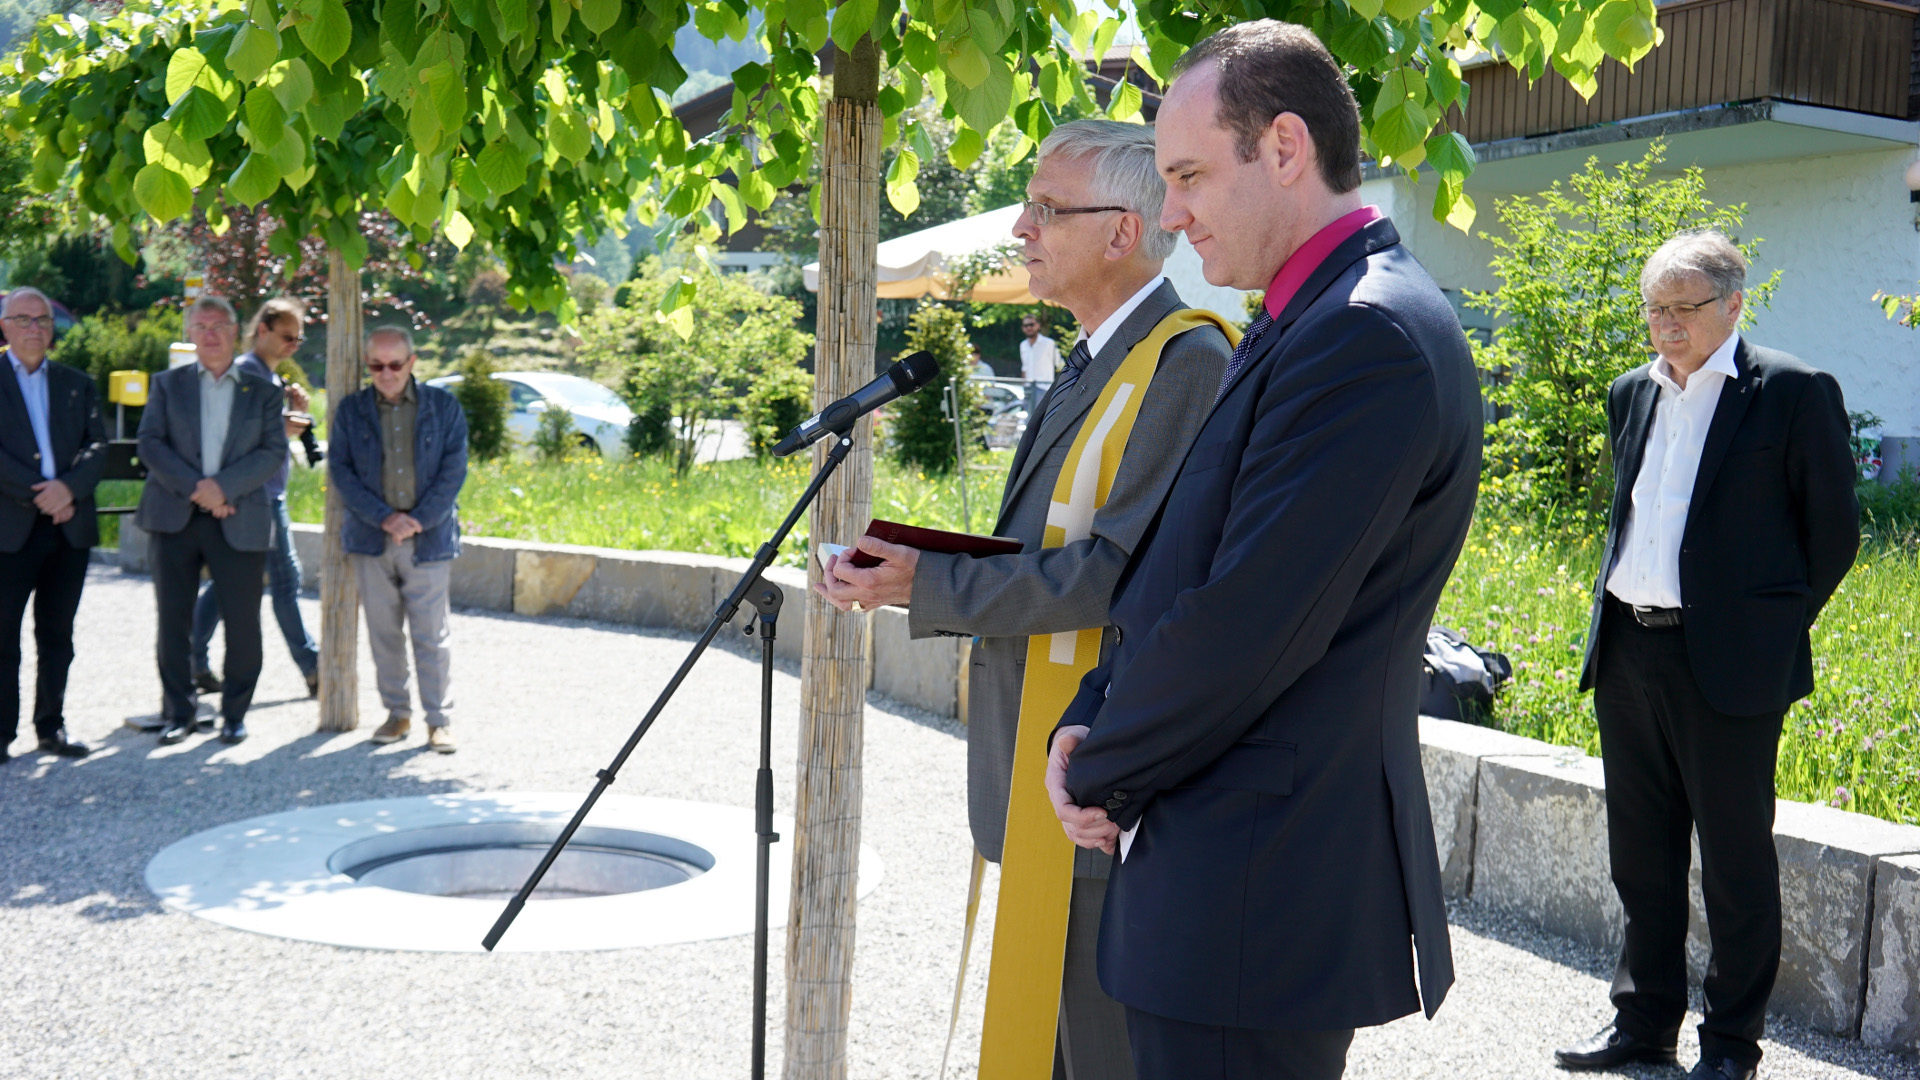 Pfarrer Daniel Durrer und Pfarrer Michael Candrian (vorne) segnen die Kugel | © Vera Rüttimann